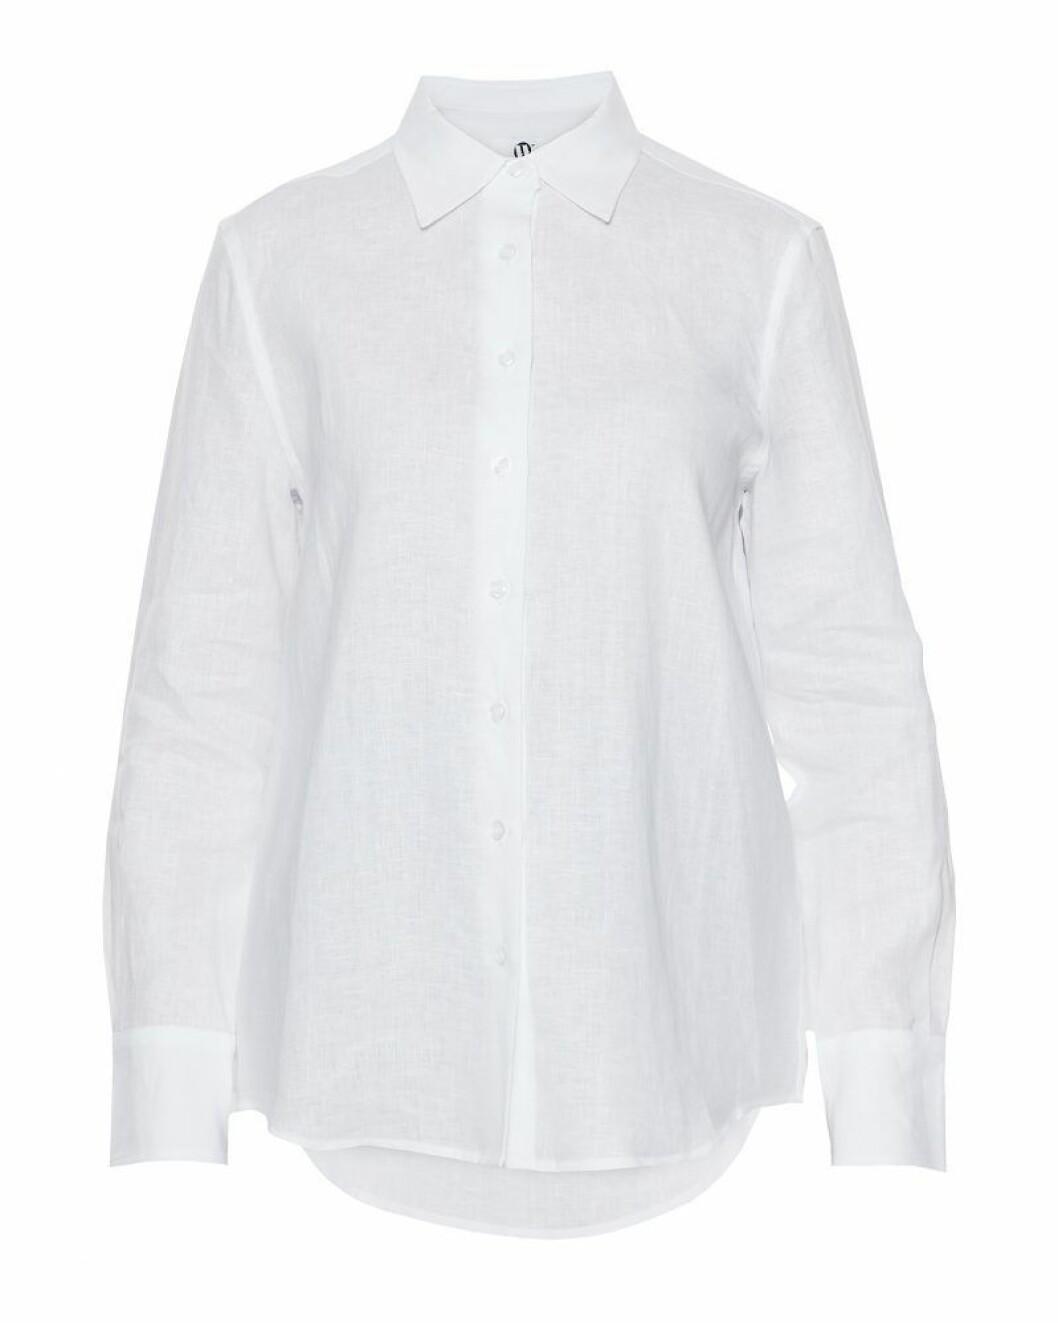 Wakakuu Icons vårkollektion: Vit linneskjorta